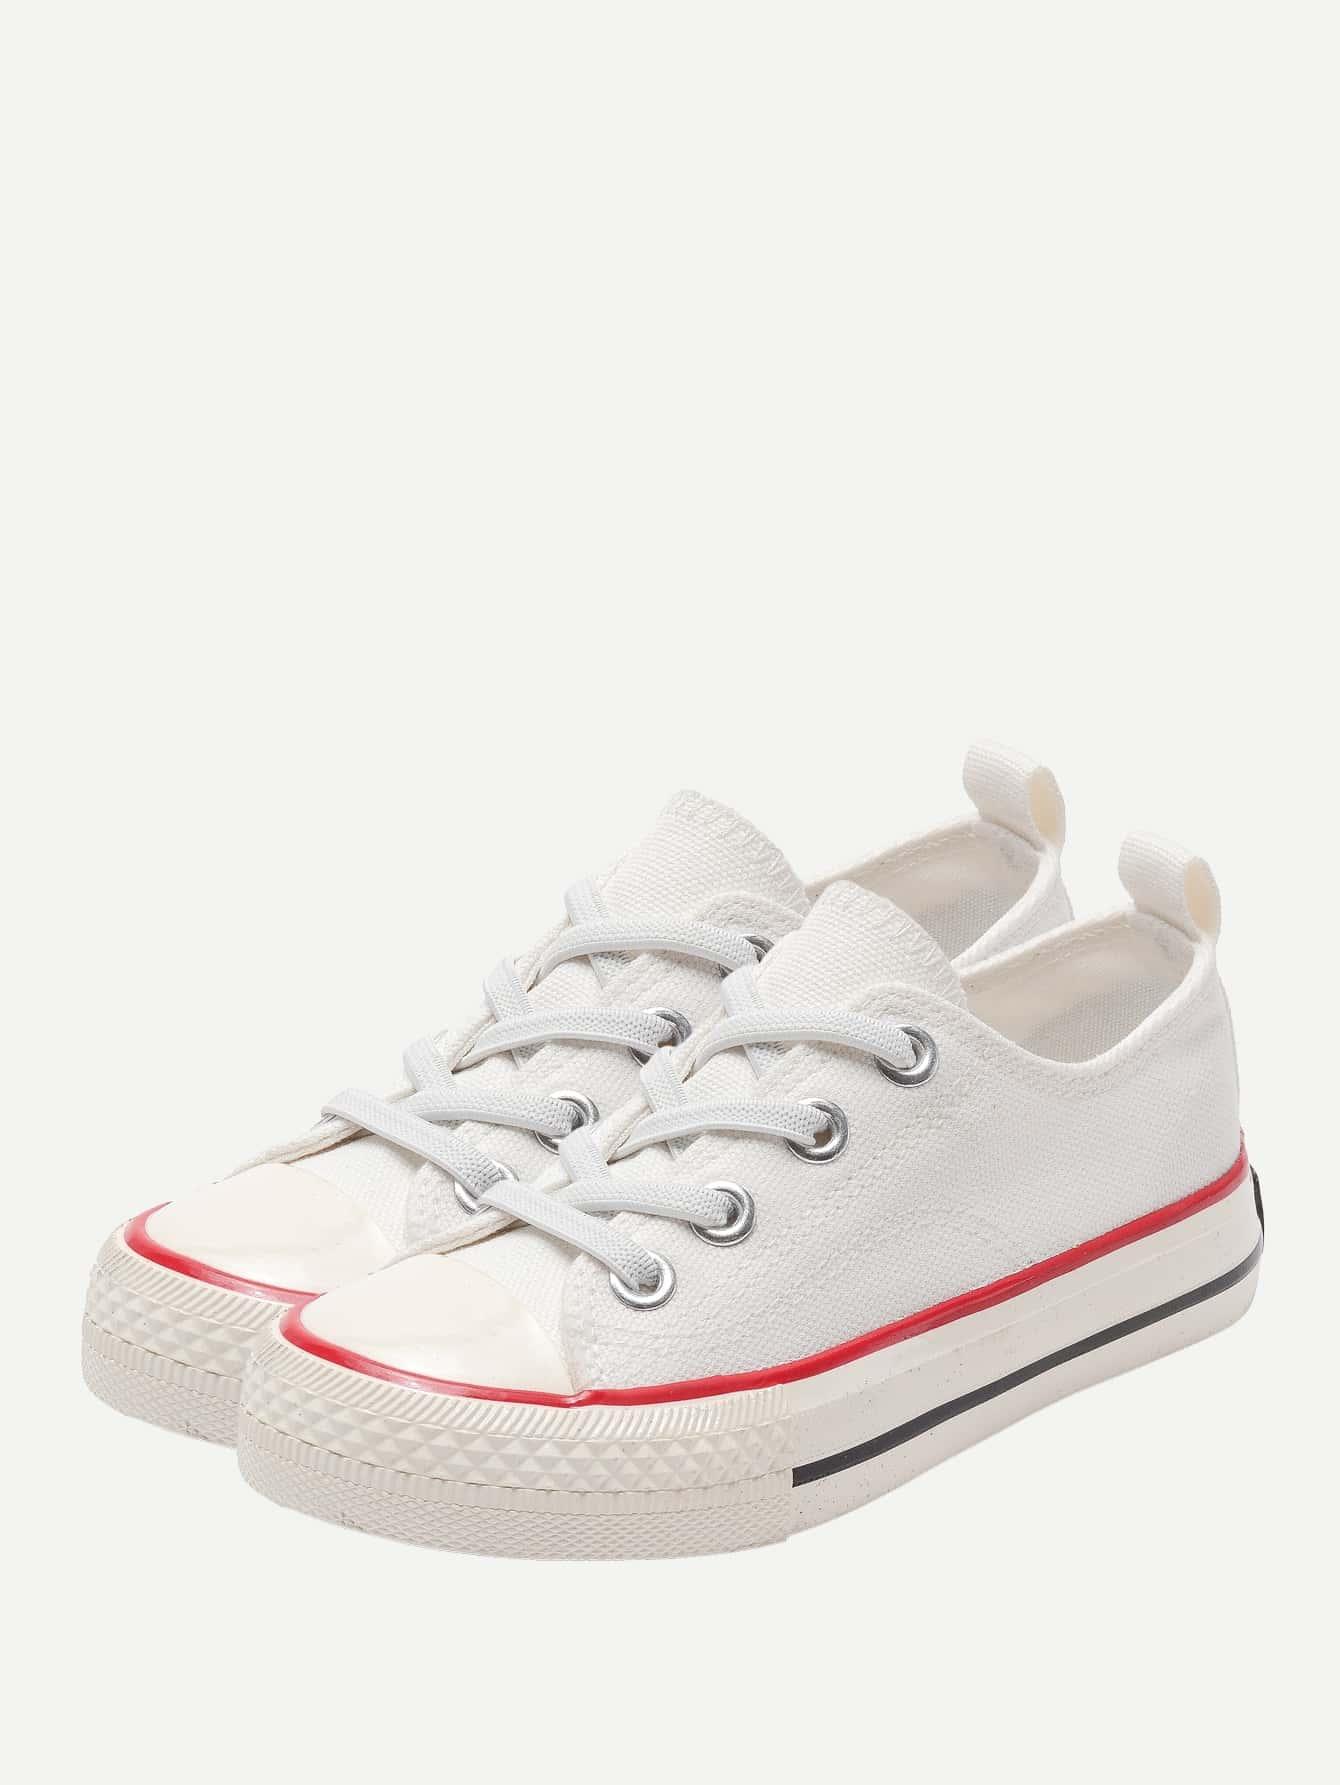 Купить Парусиновые кроссовки с шнурками для маленьких детей, null, SheIn